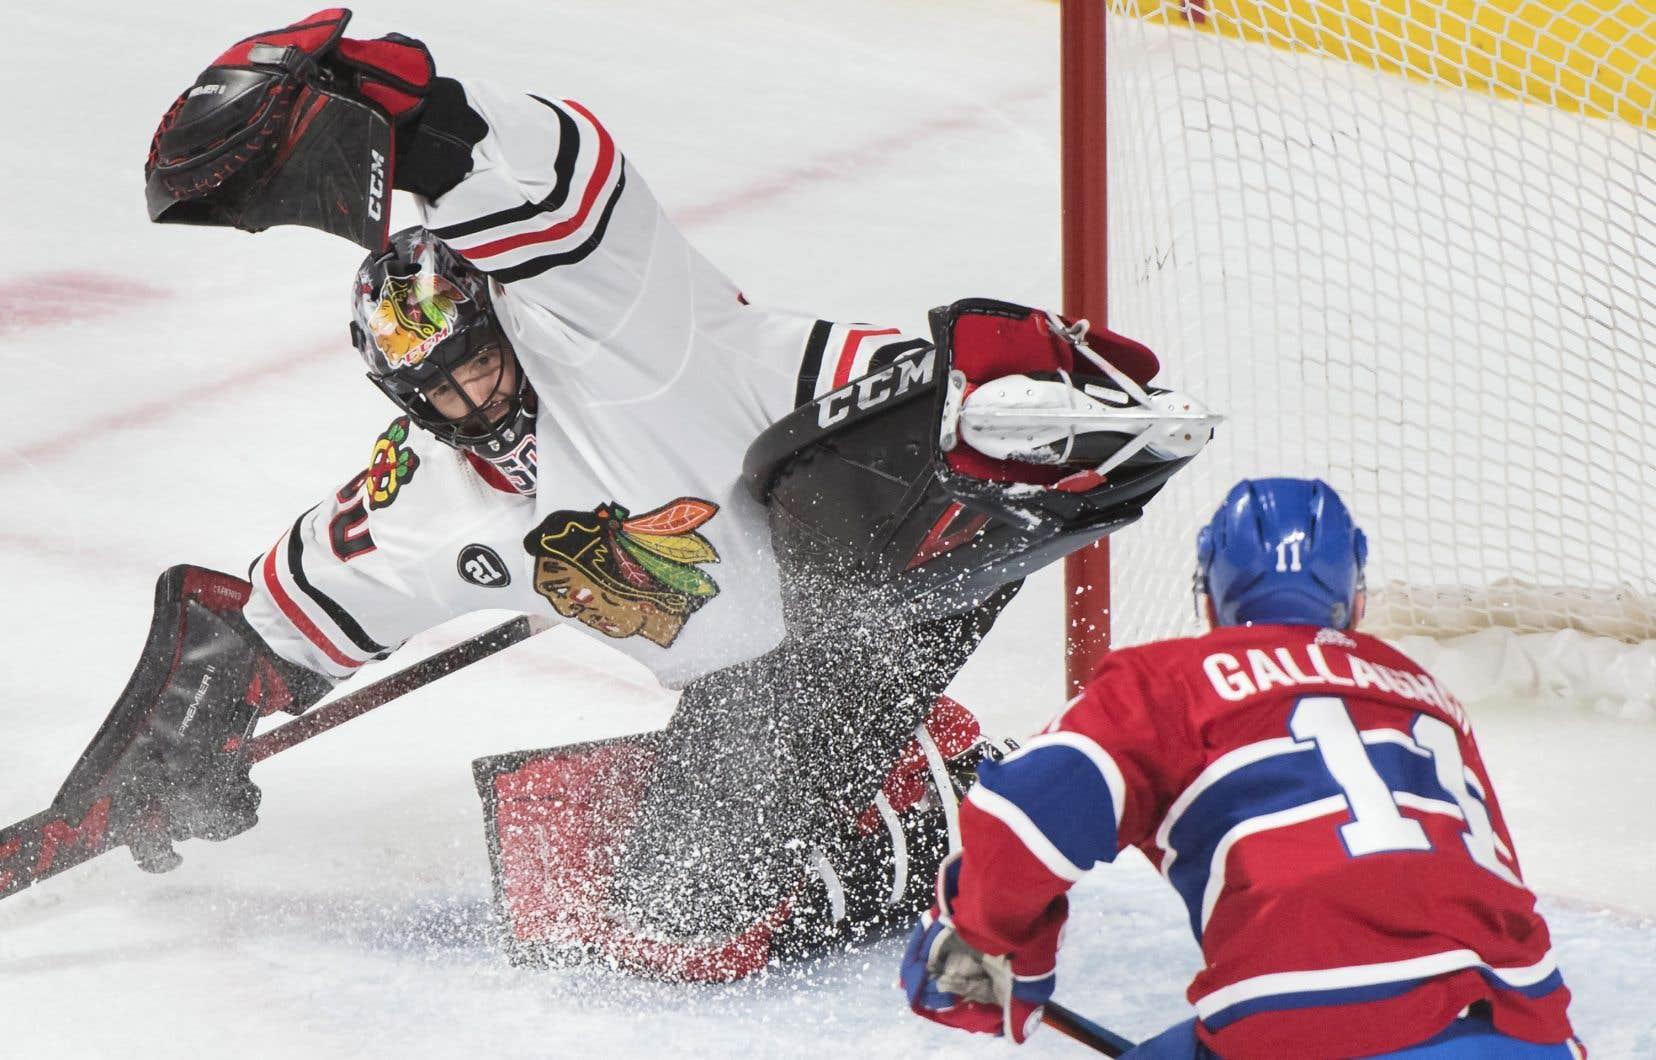 Le Canadien a encaissé un deuxième revers d'affilée en s'inclinant 2-0 face aux Blackhawks de Chicago, samedi.